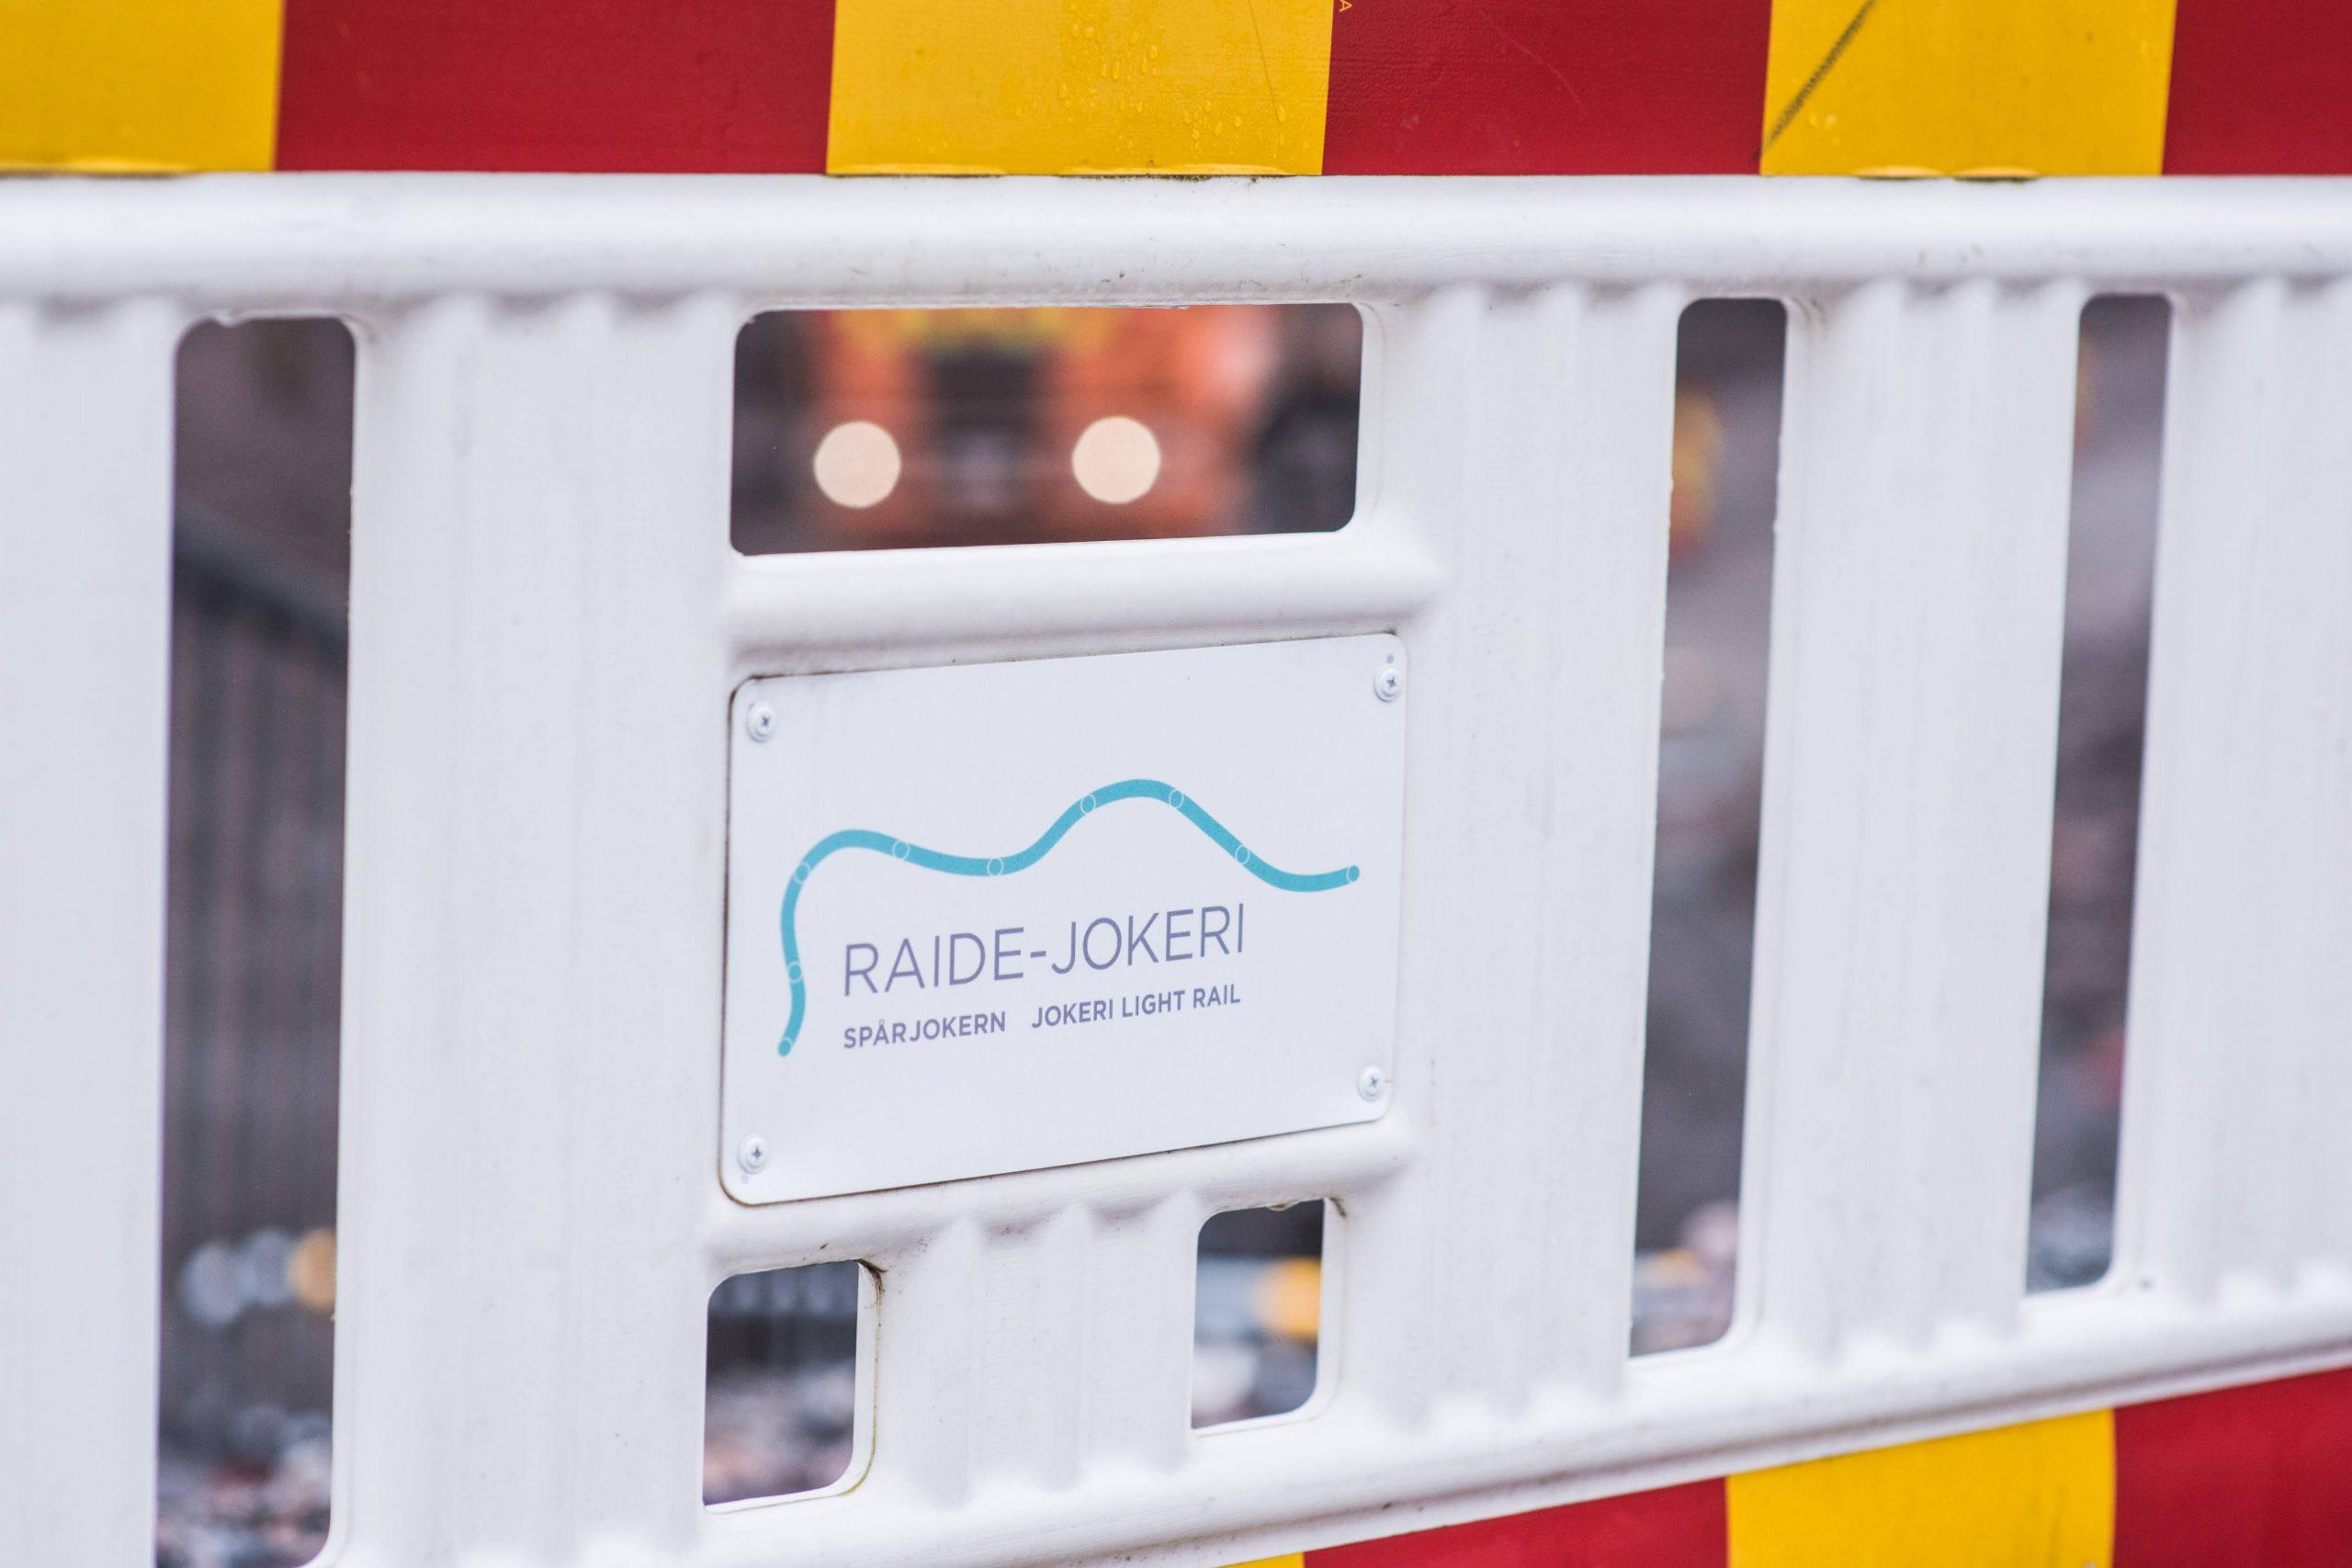 Kuva muovisesta työmaa-aidasta, jossa on Raide-Jokerin logo.